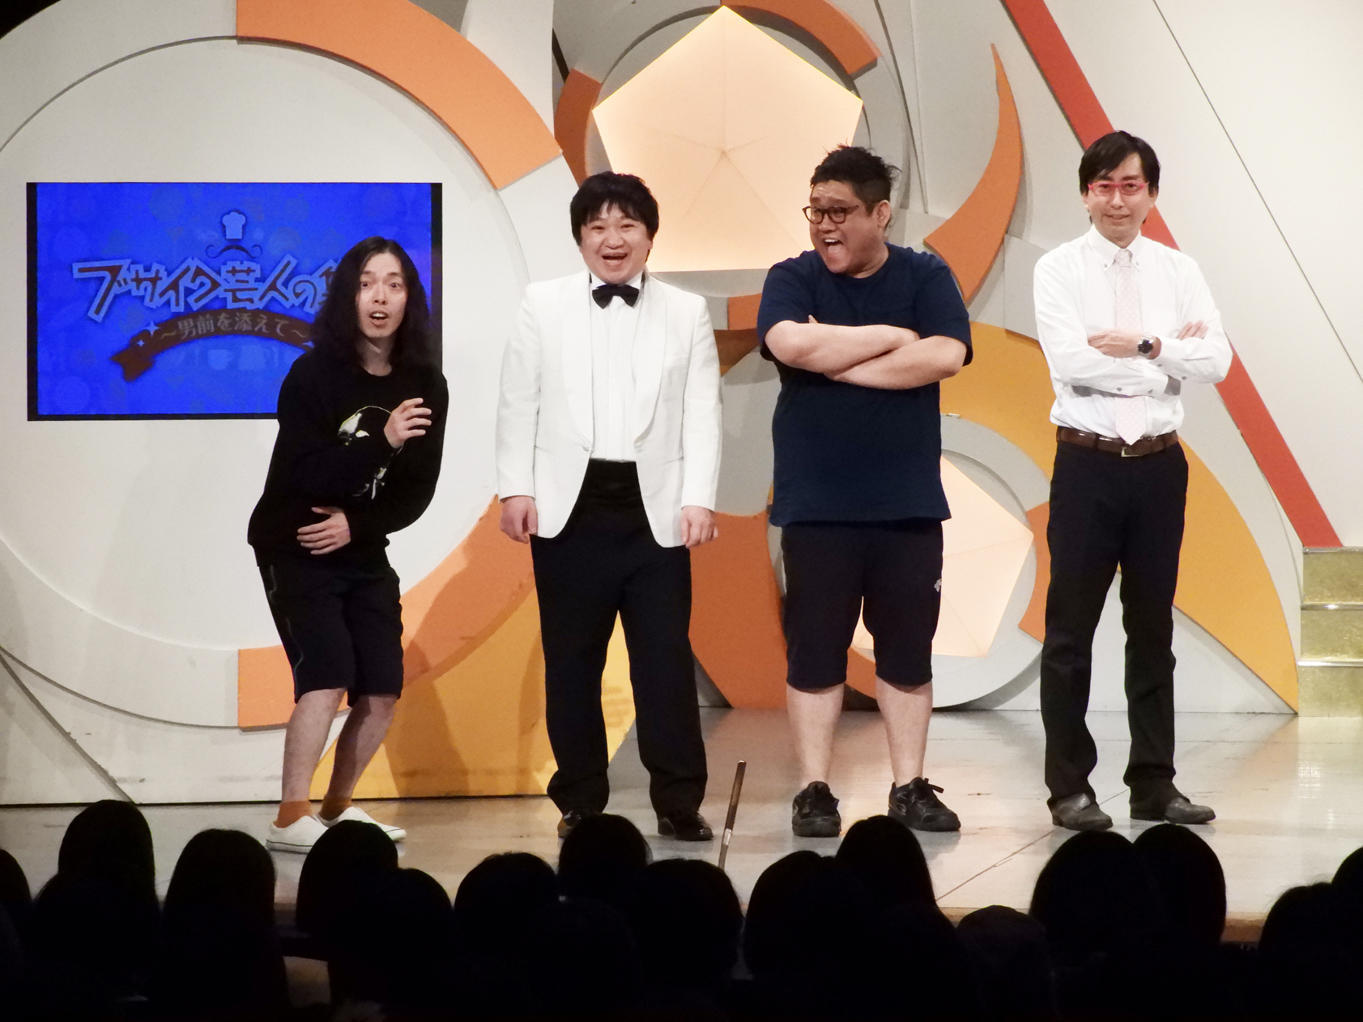 http://news.yoshimoto.co.jp/20180208181248-bd24477a1b2b6974fec5f344d65b71b6a579ee80.jpg